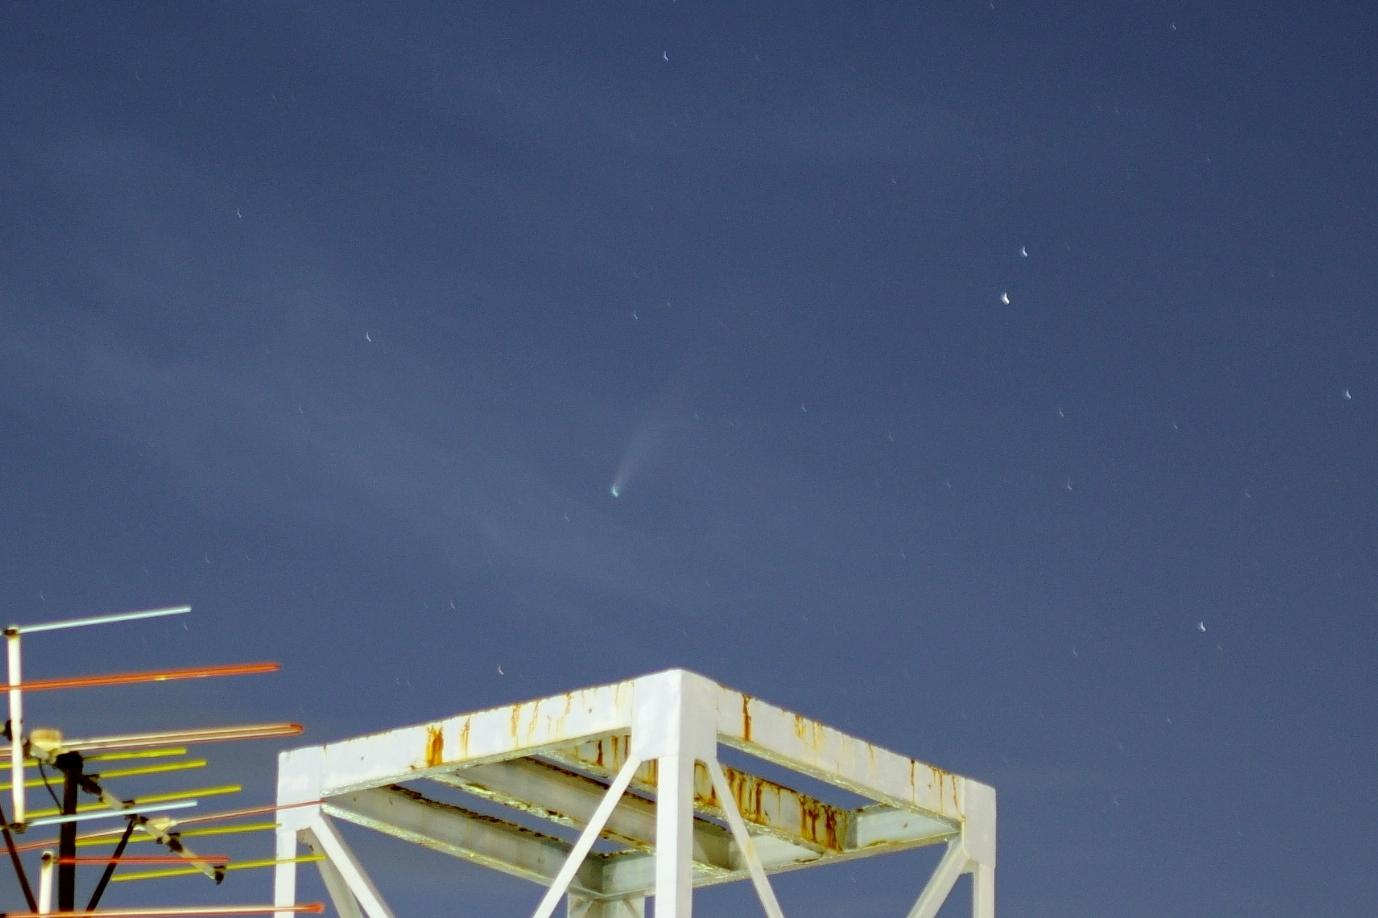 ネオワイズ彗星 2020年7月20日 20:27:49(35mm、f/2、25sec、ISO100)